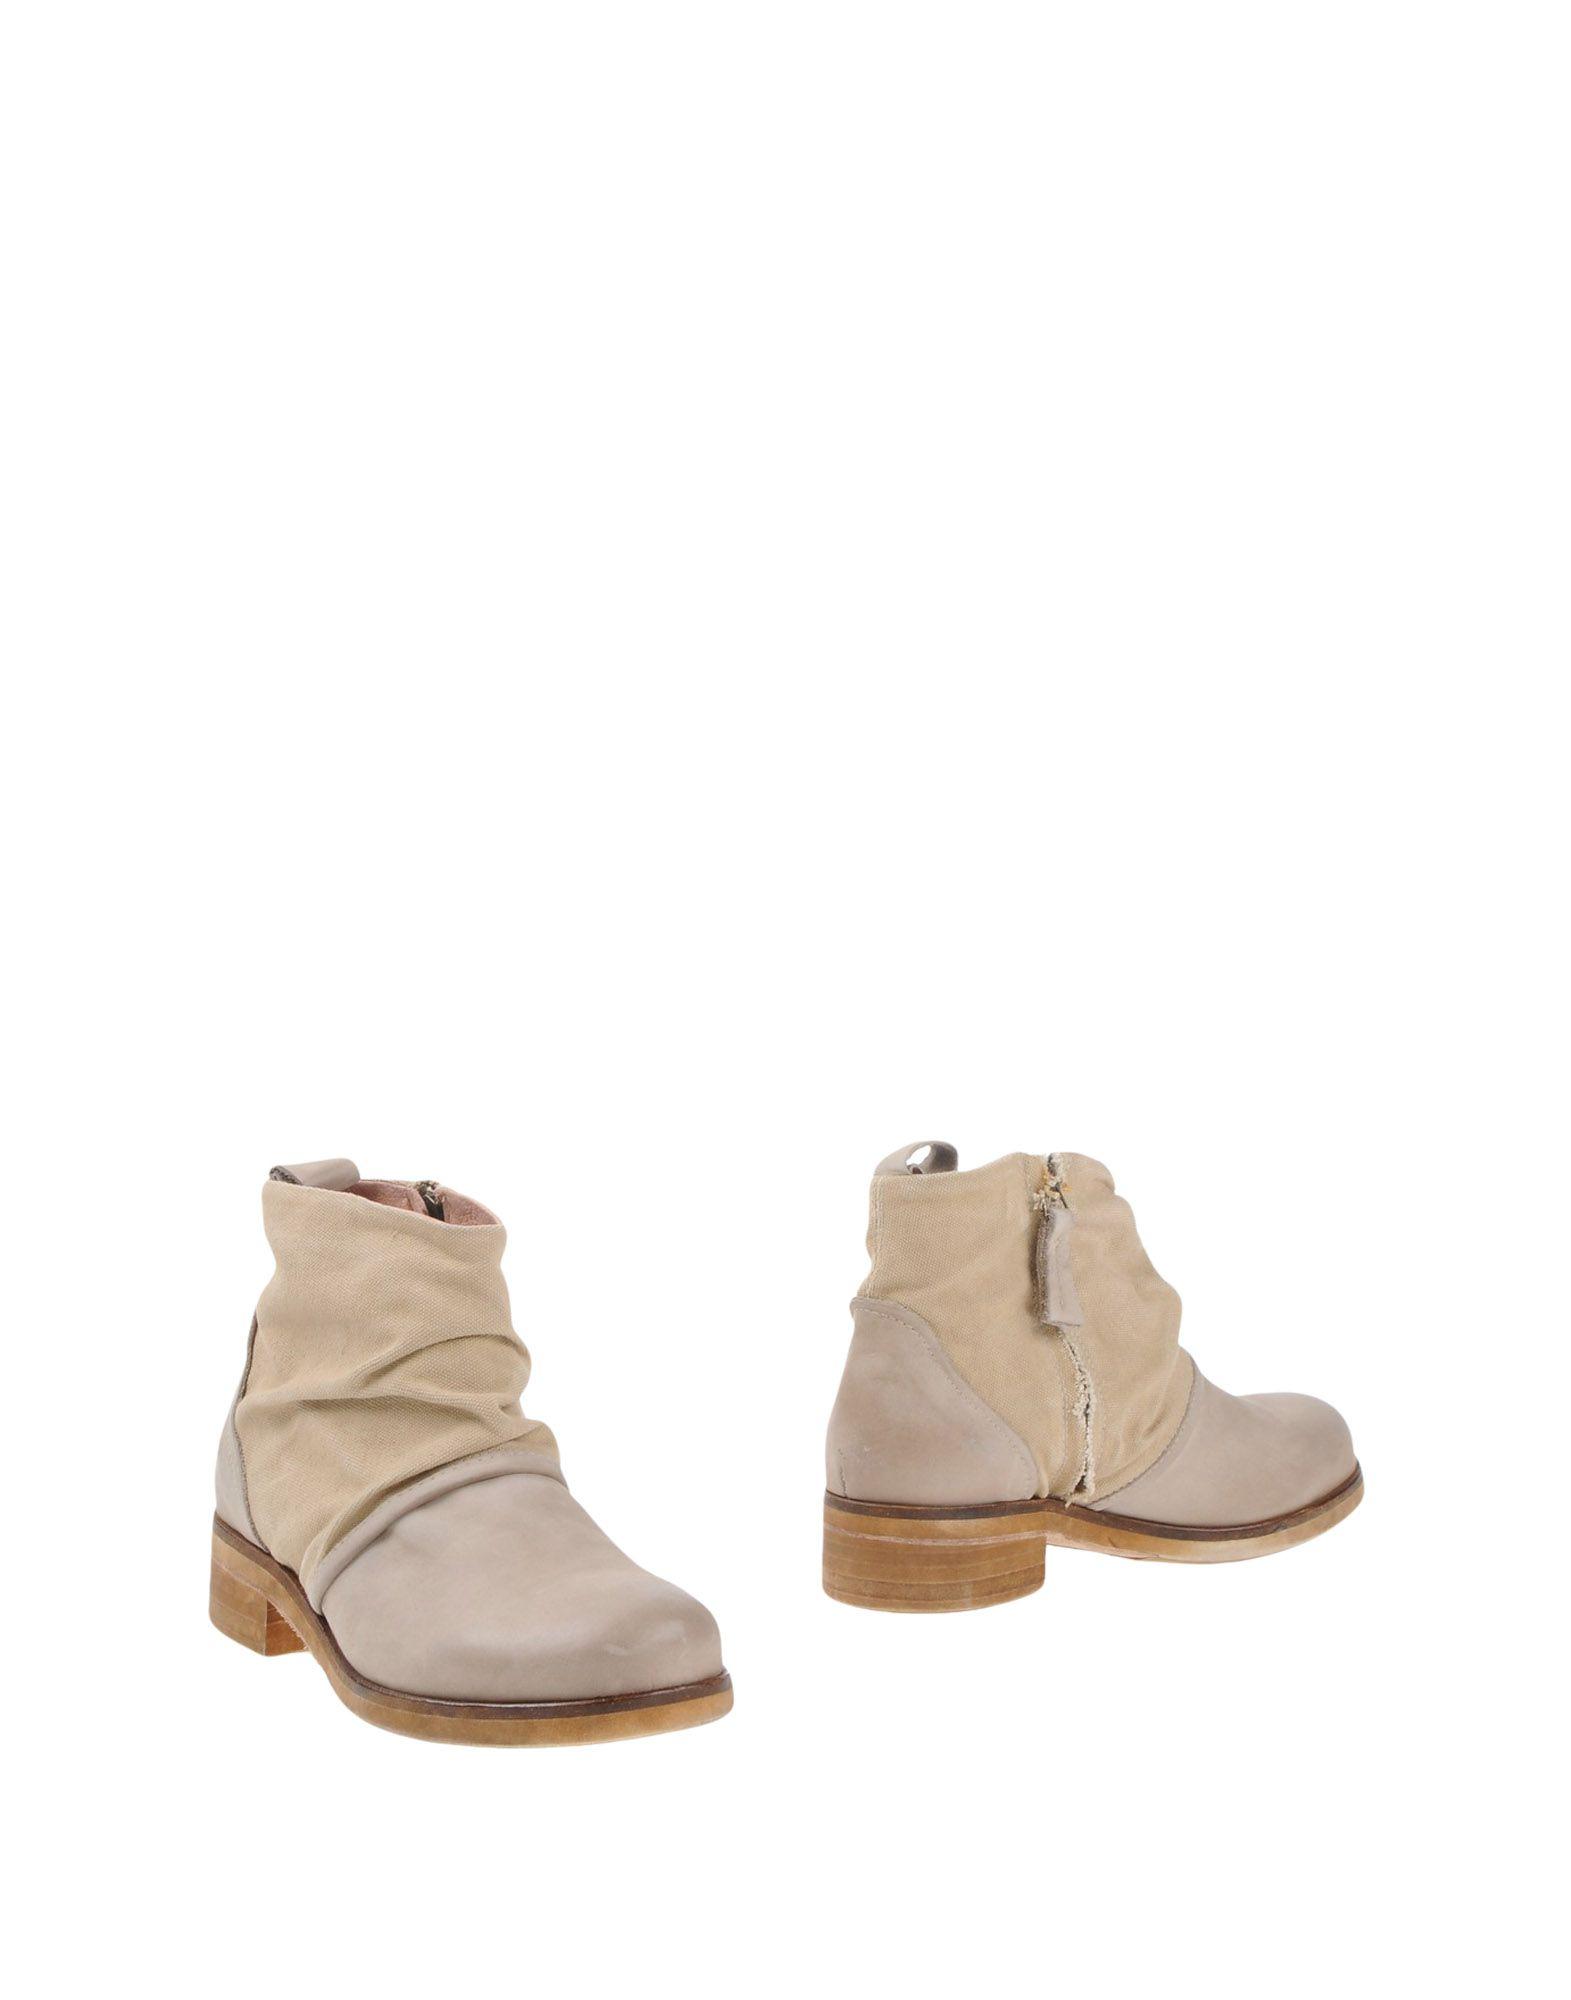 Hangar Stiefelette Damen  11141786EL Gute Qualität beliebte Schuhe